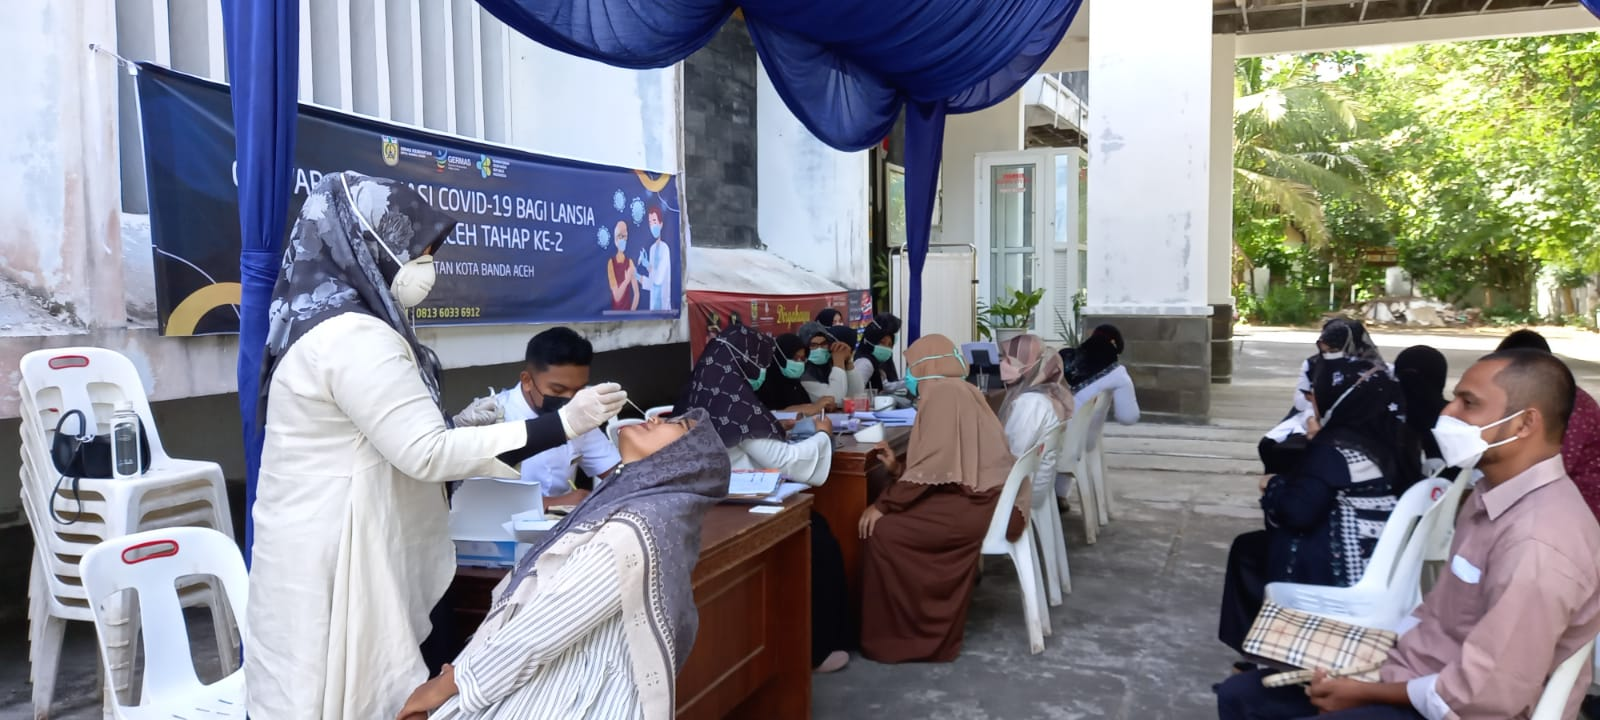 Camat Ulee Kareng Ajak Lansia Ikut Vaksinasi